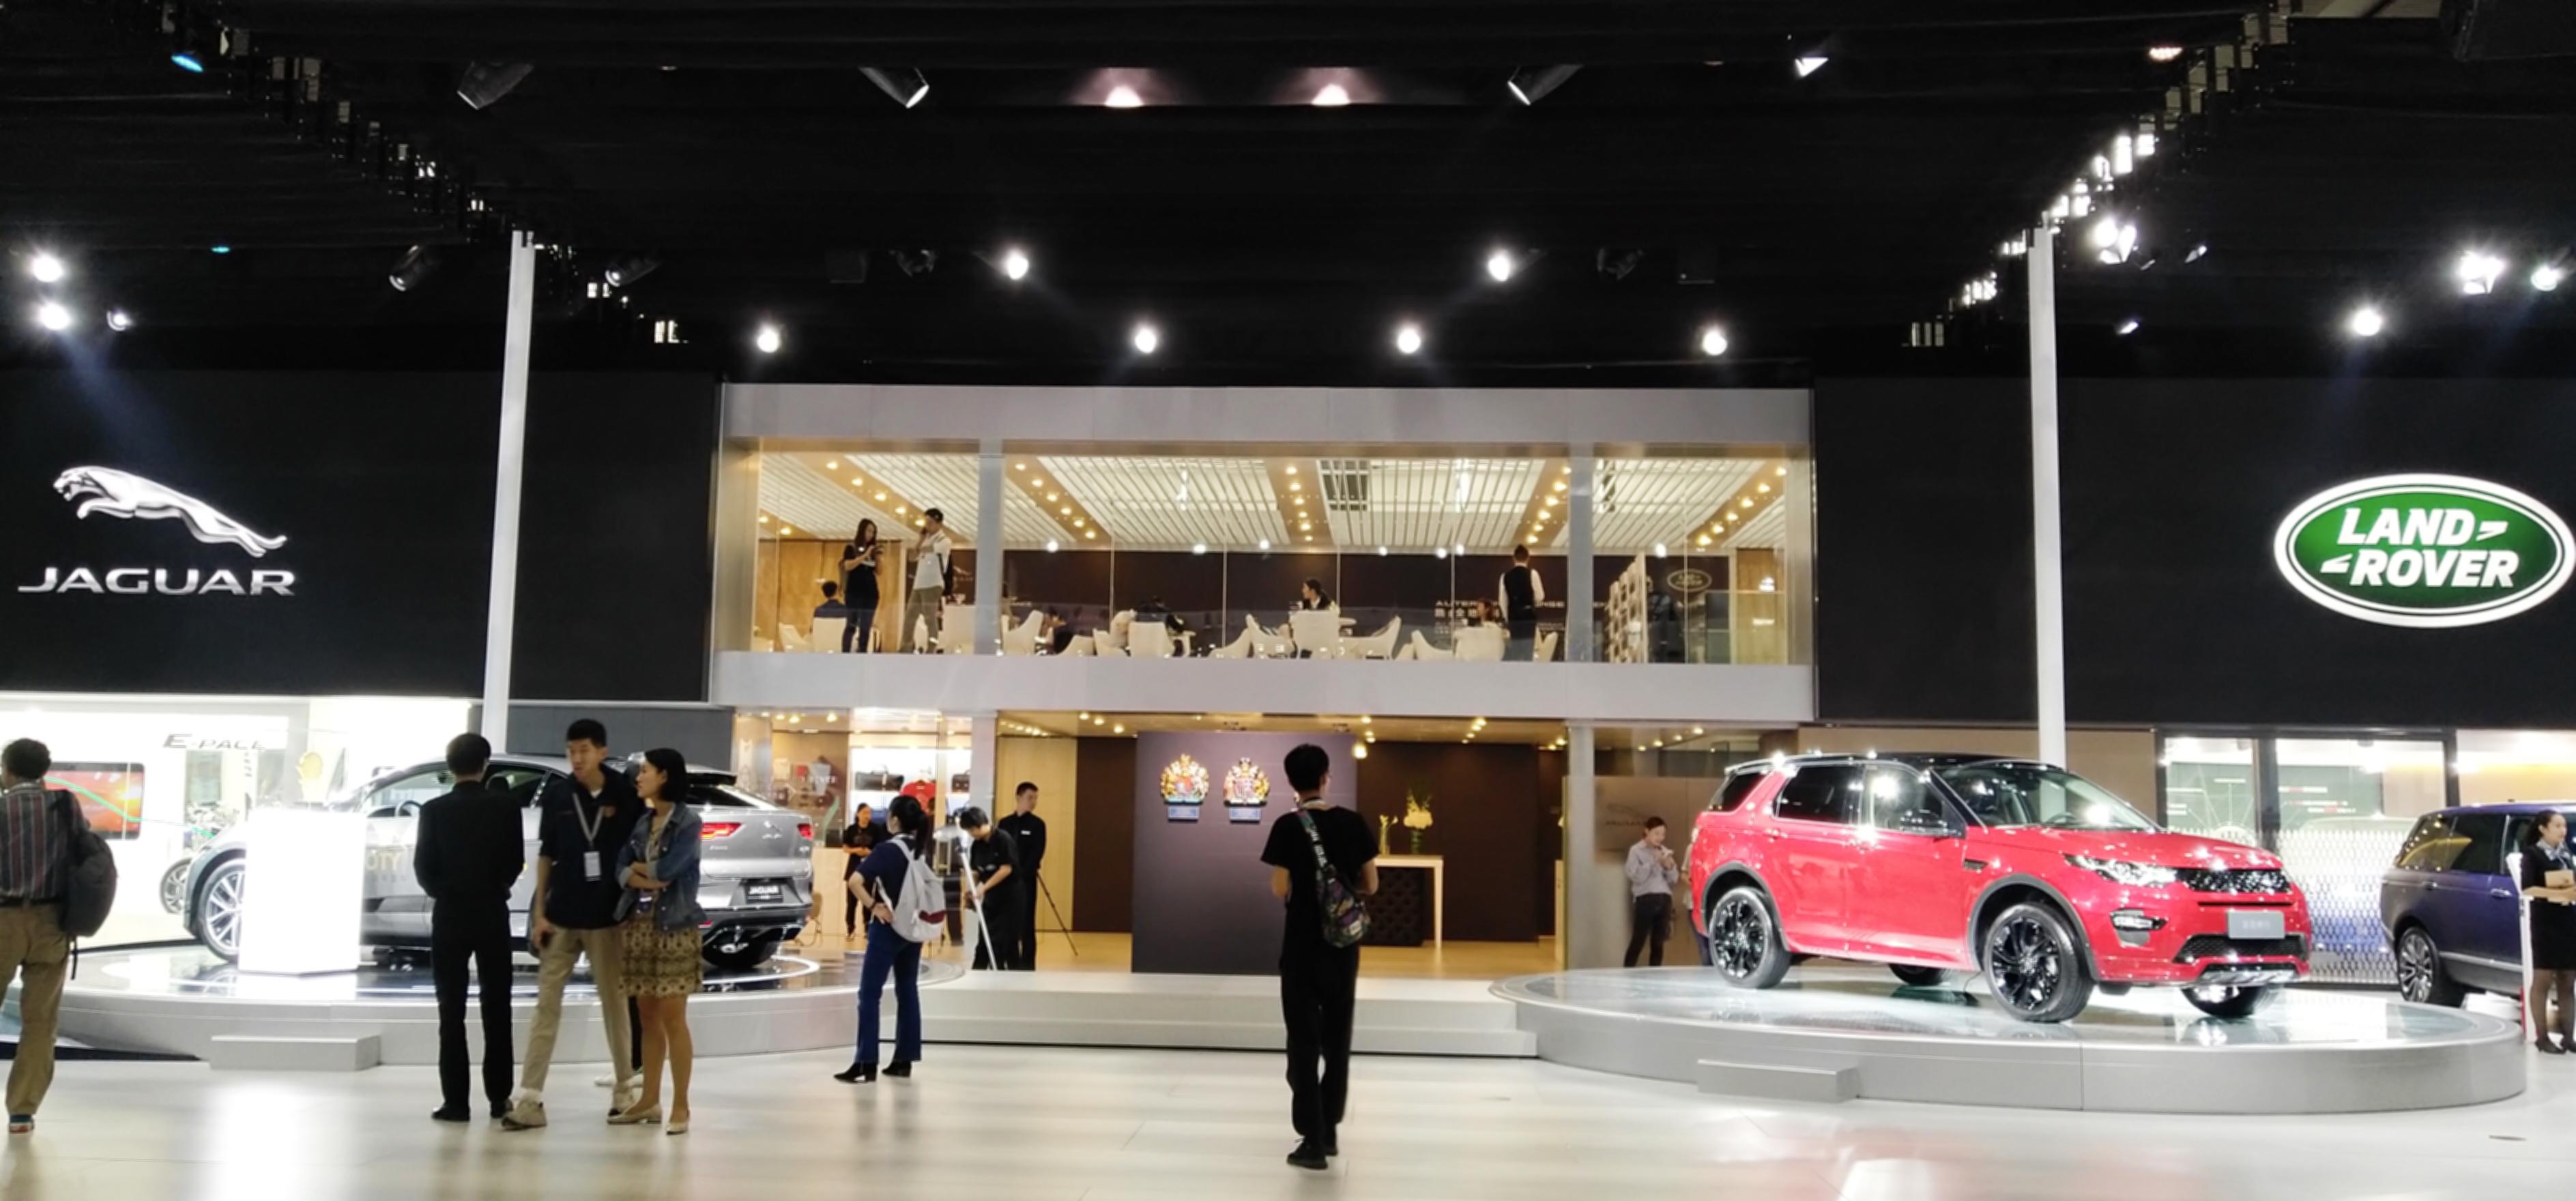 预告 | 再度应邀:英国之宝携旗舰产品,助力捷豹路虎广州车展-影音新生活